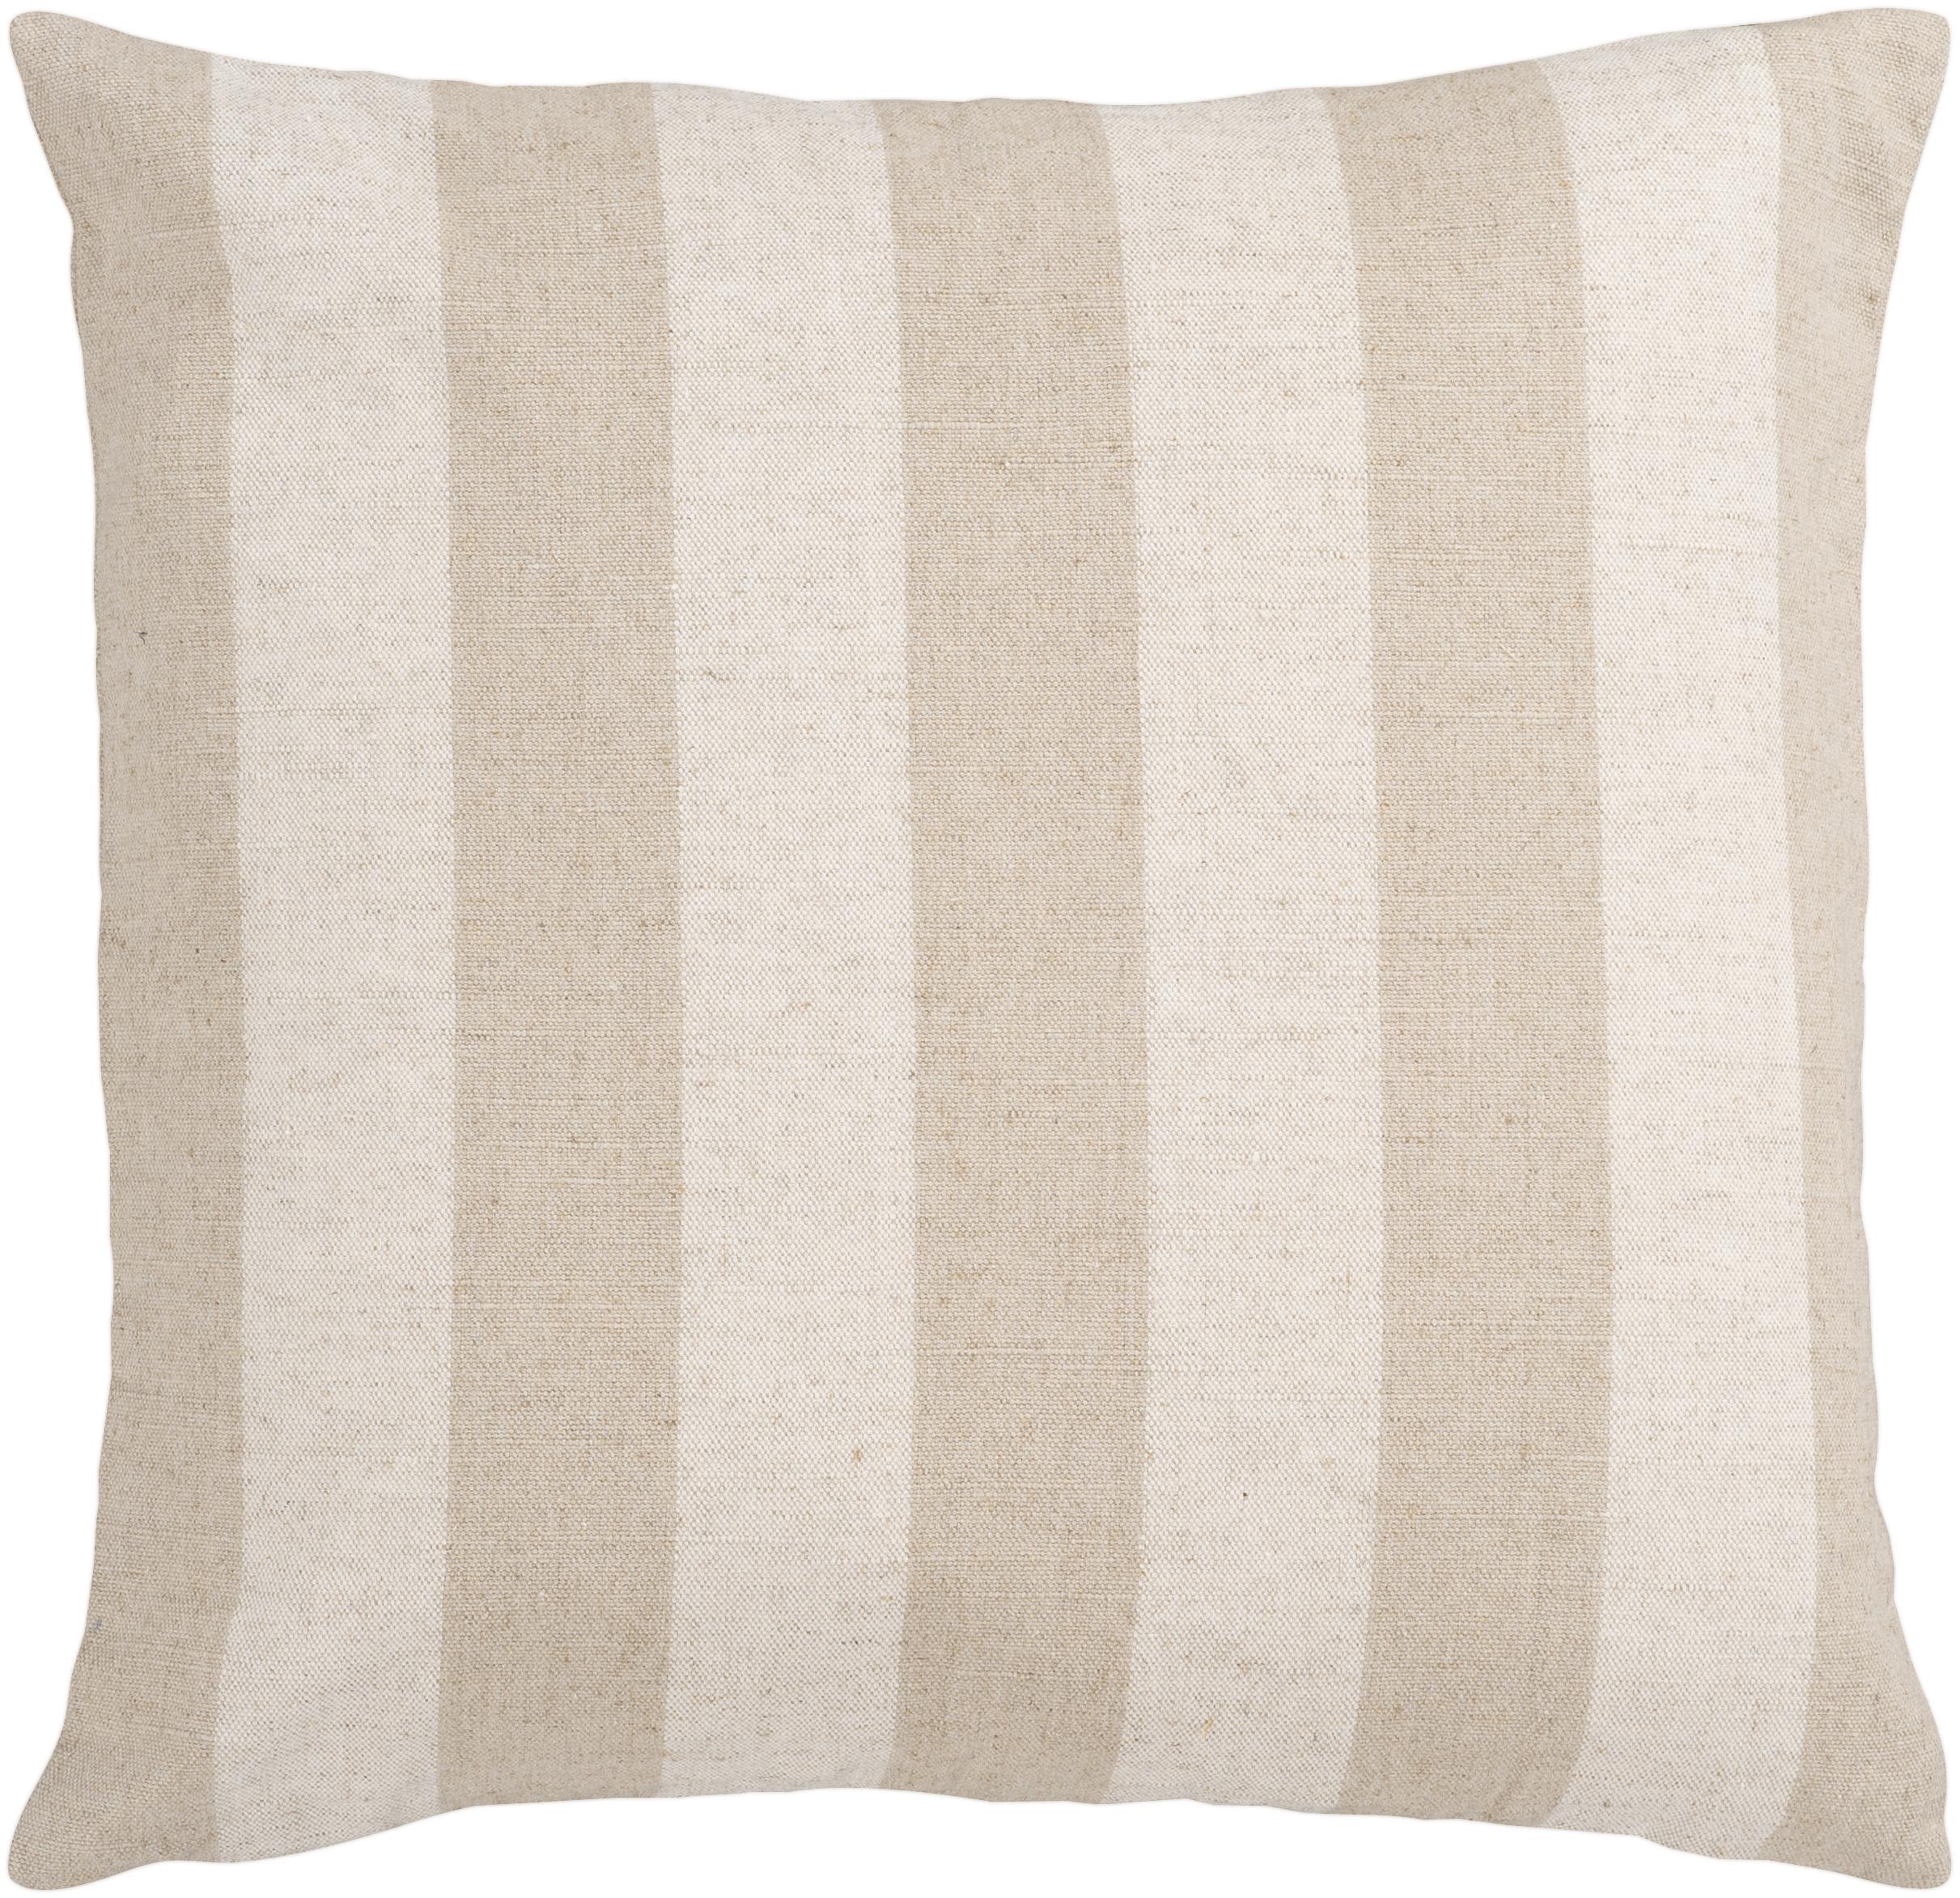 """Surya Pillows 22"""" x 22"""" Pillow - Item Number: JS015-2222P"""